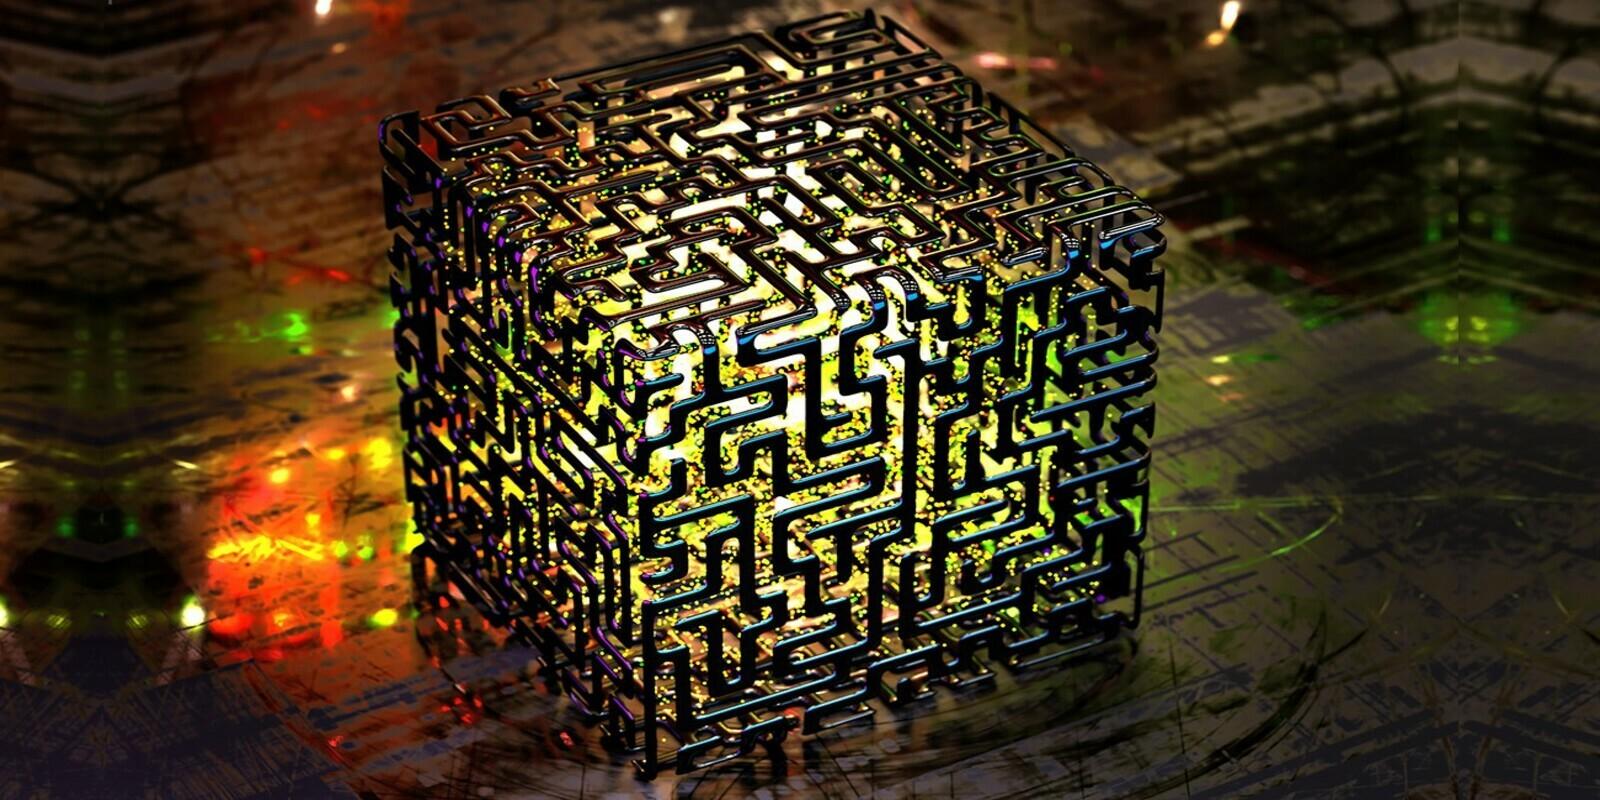 Le nouvel ordinateur quantique Honeywell peut-il menacer le Bitcoin ?